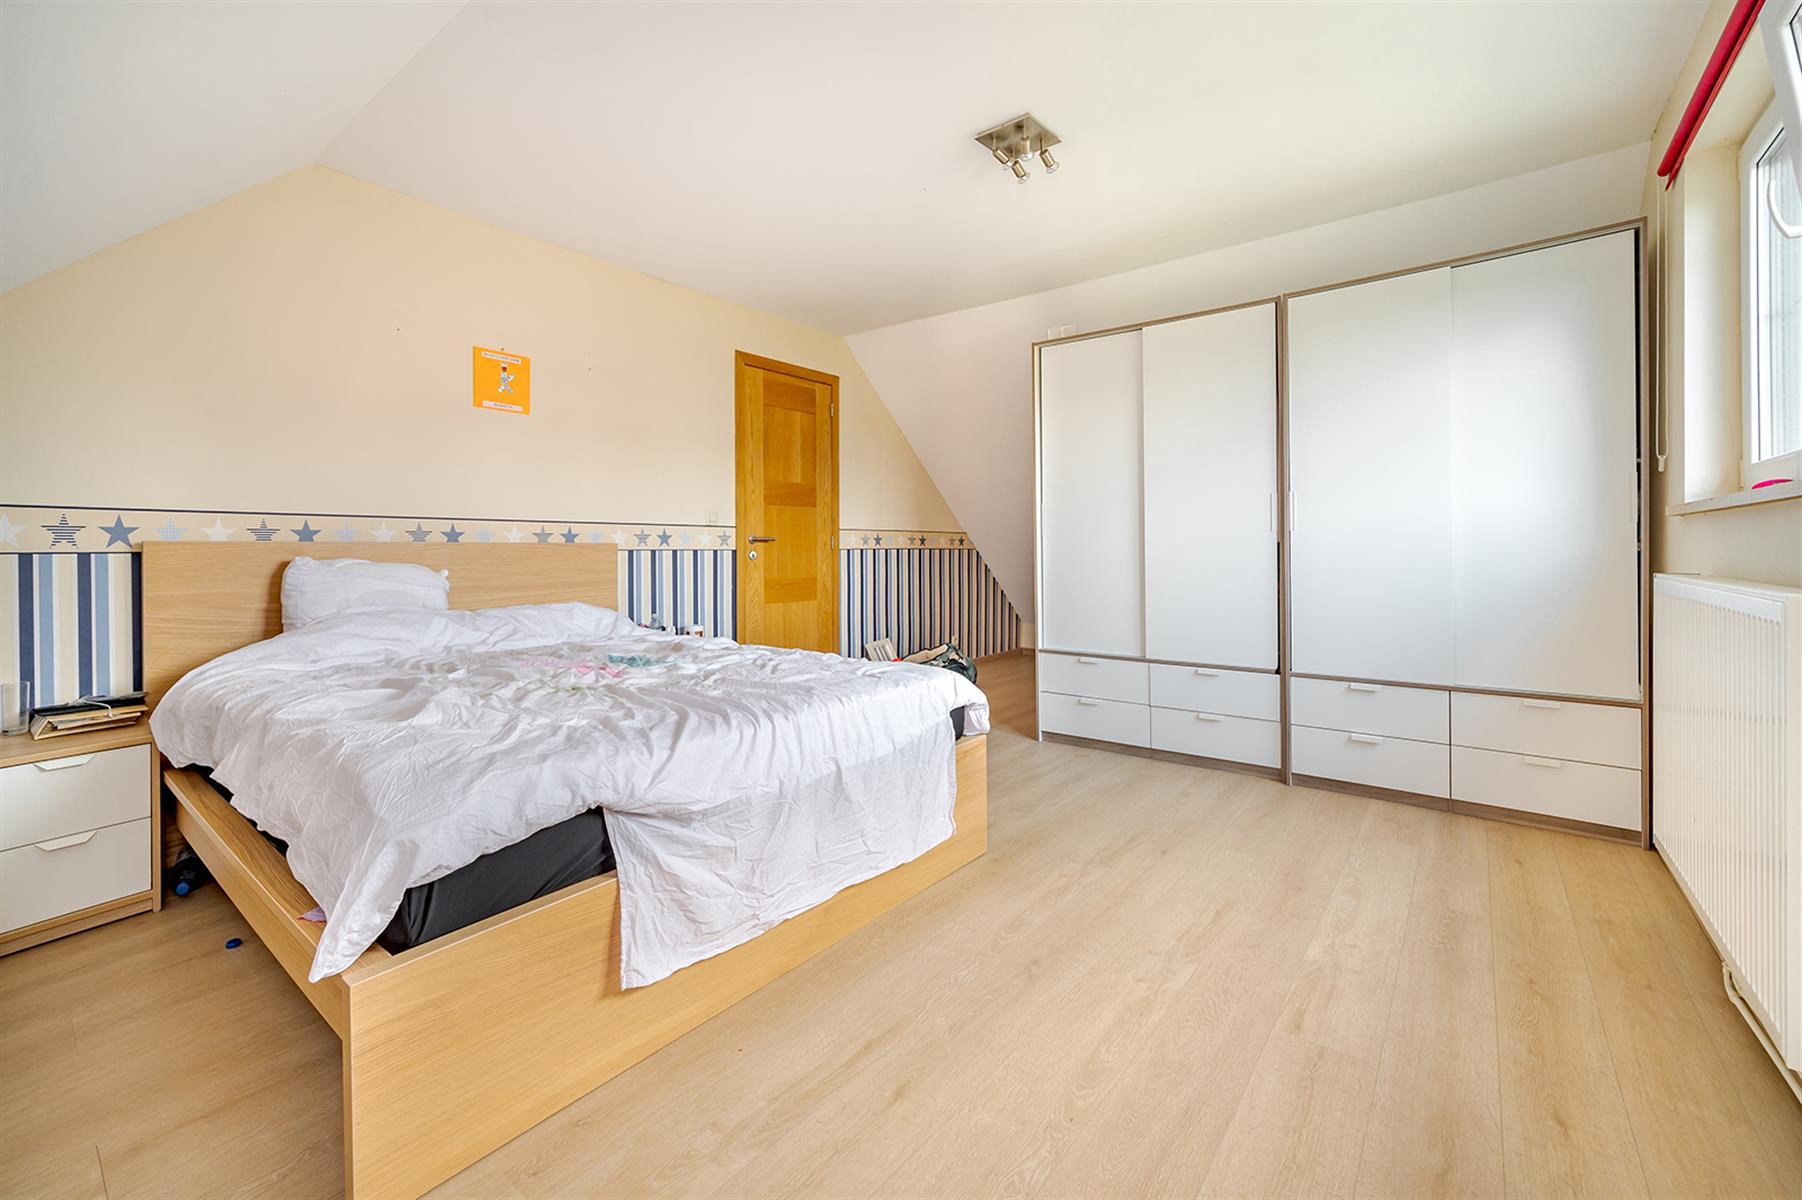 Maison unifamiliale - Villersle-Bouillet - #4412229-11